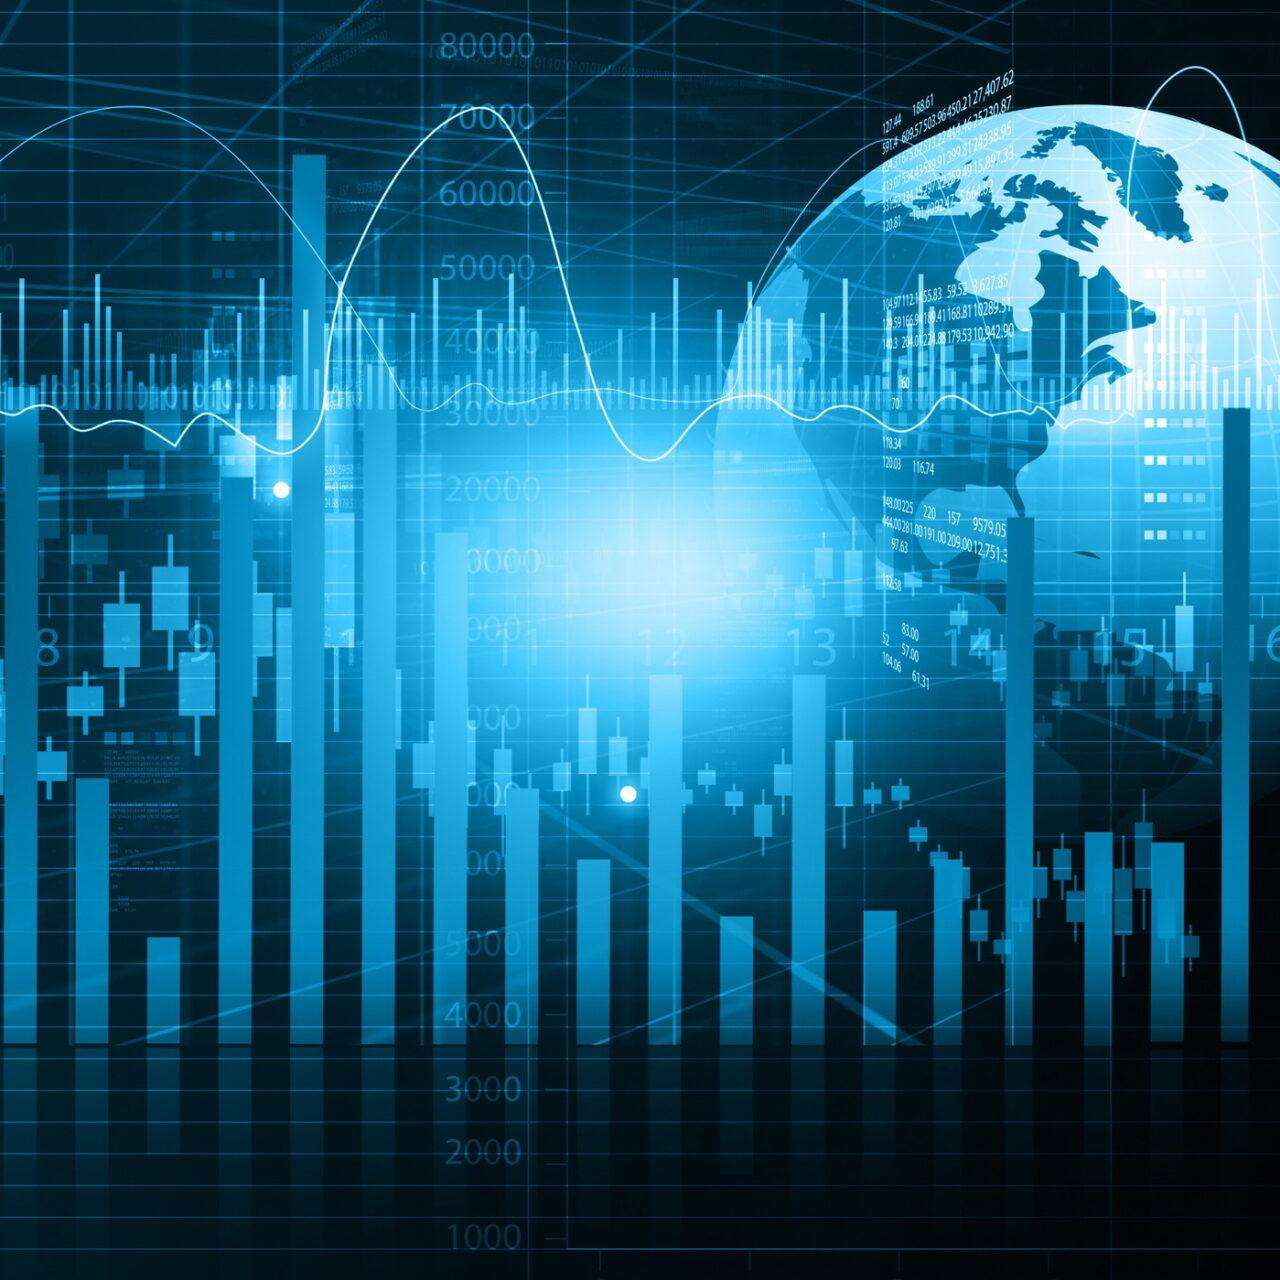 VV-Fonds begrenzen das Risiko, können Verluste aber nicht verhindern